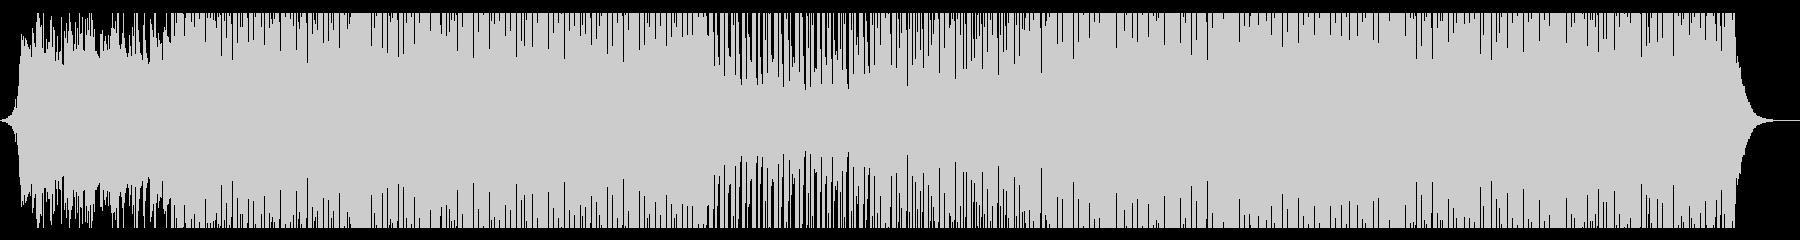 ハッピーサニーデイズの未再生の波形